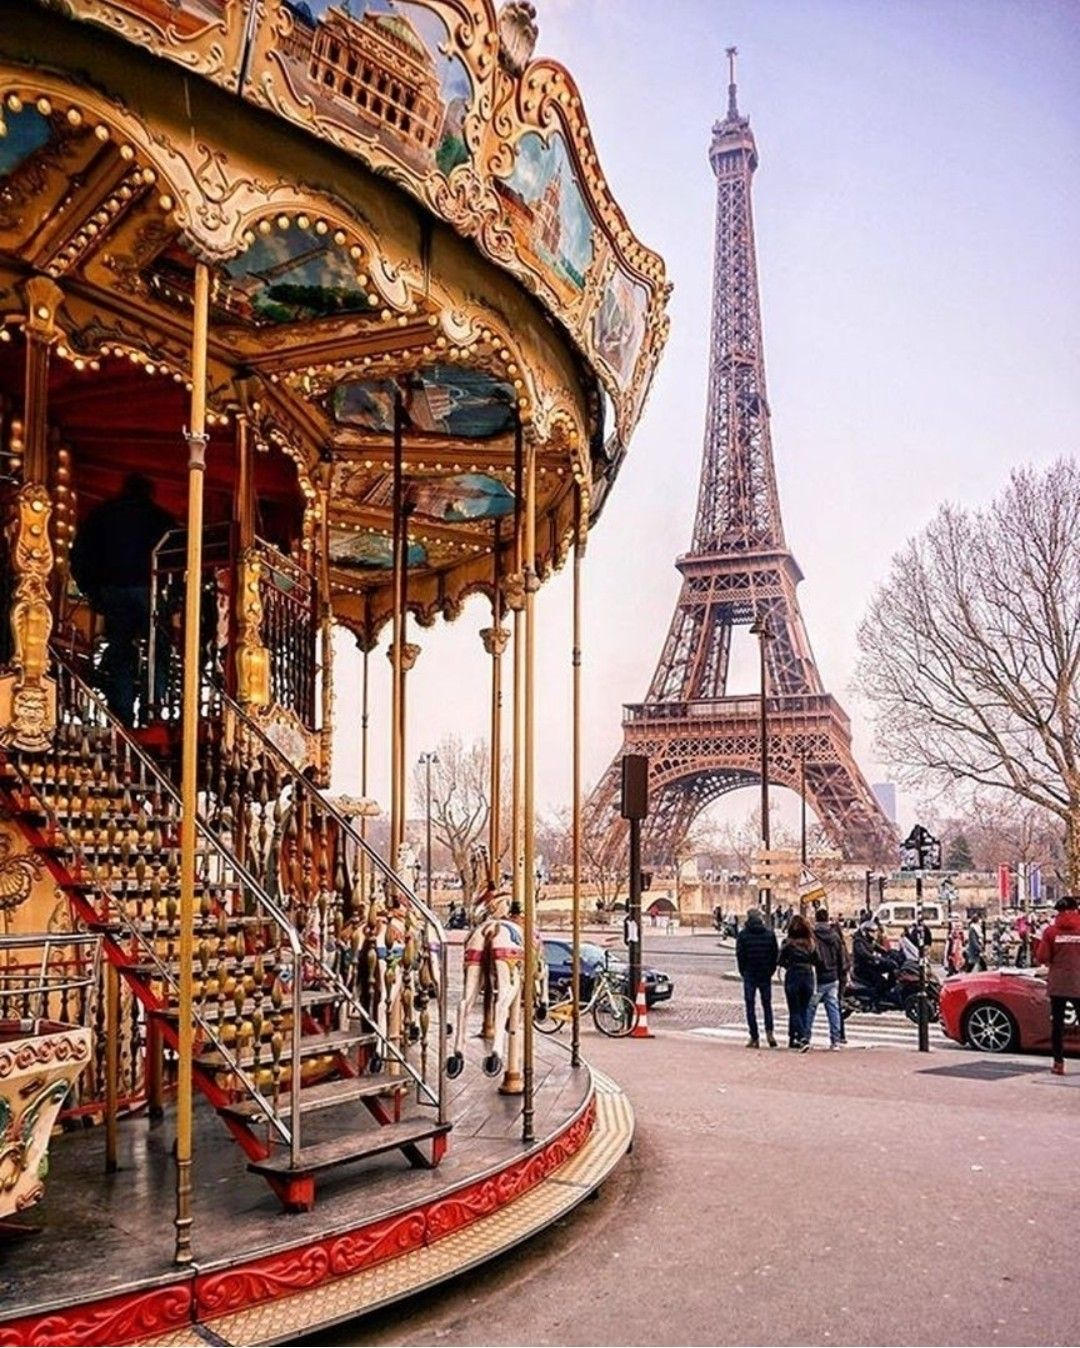 Ảnh chụp vòng quay Carousel góc nhìn tháp Eiffel